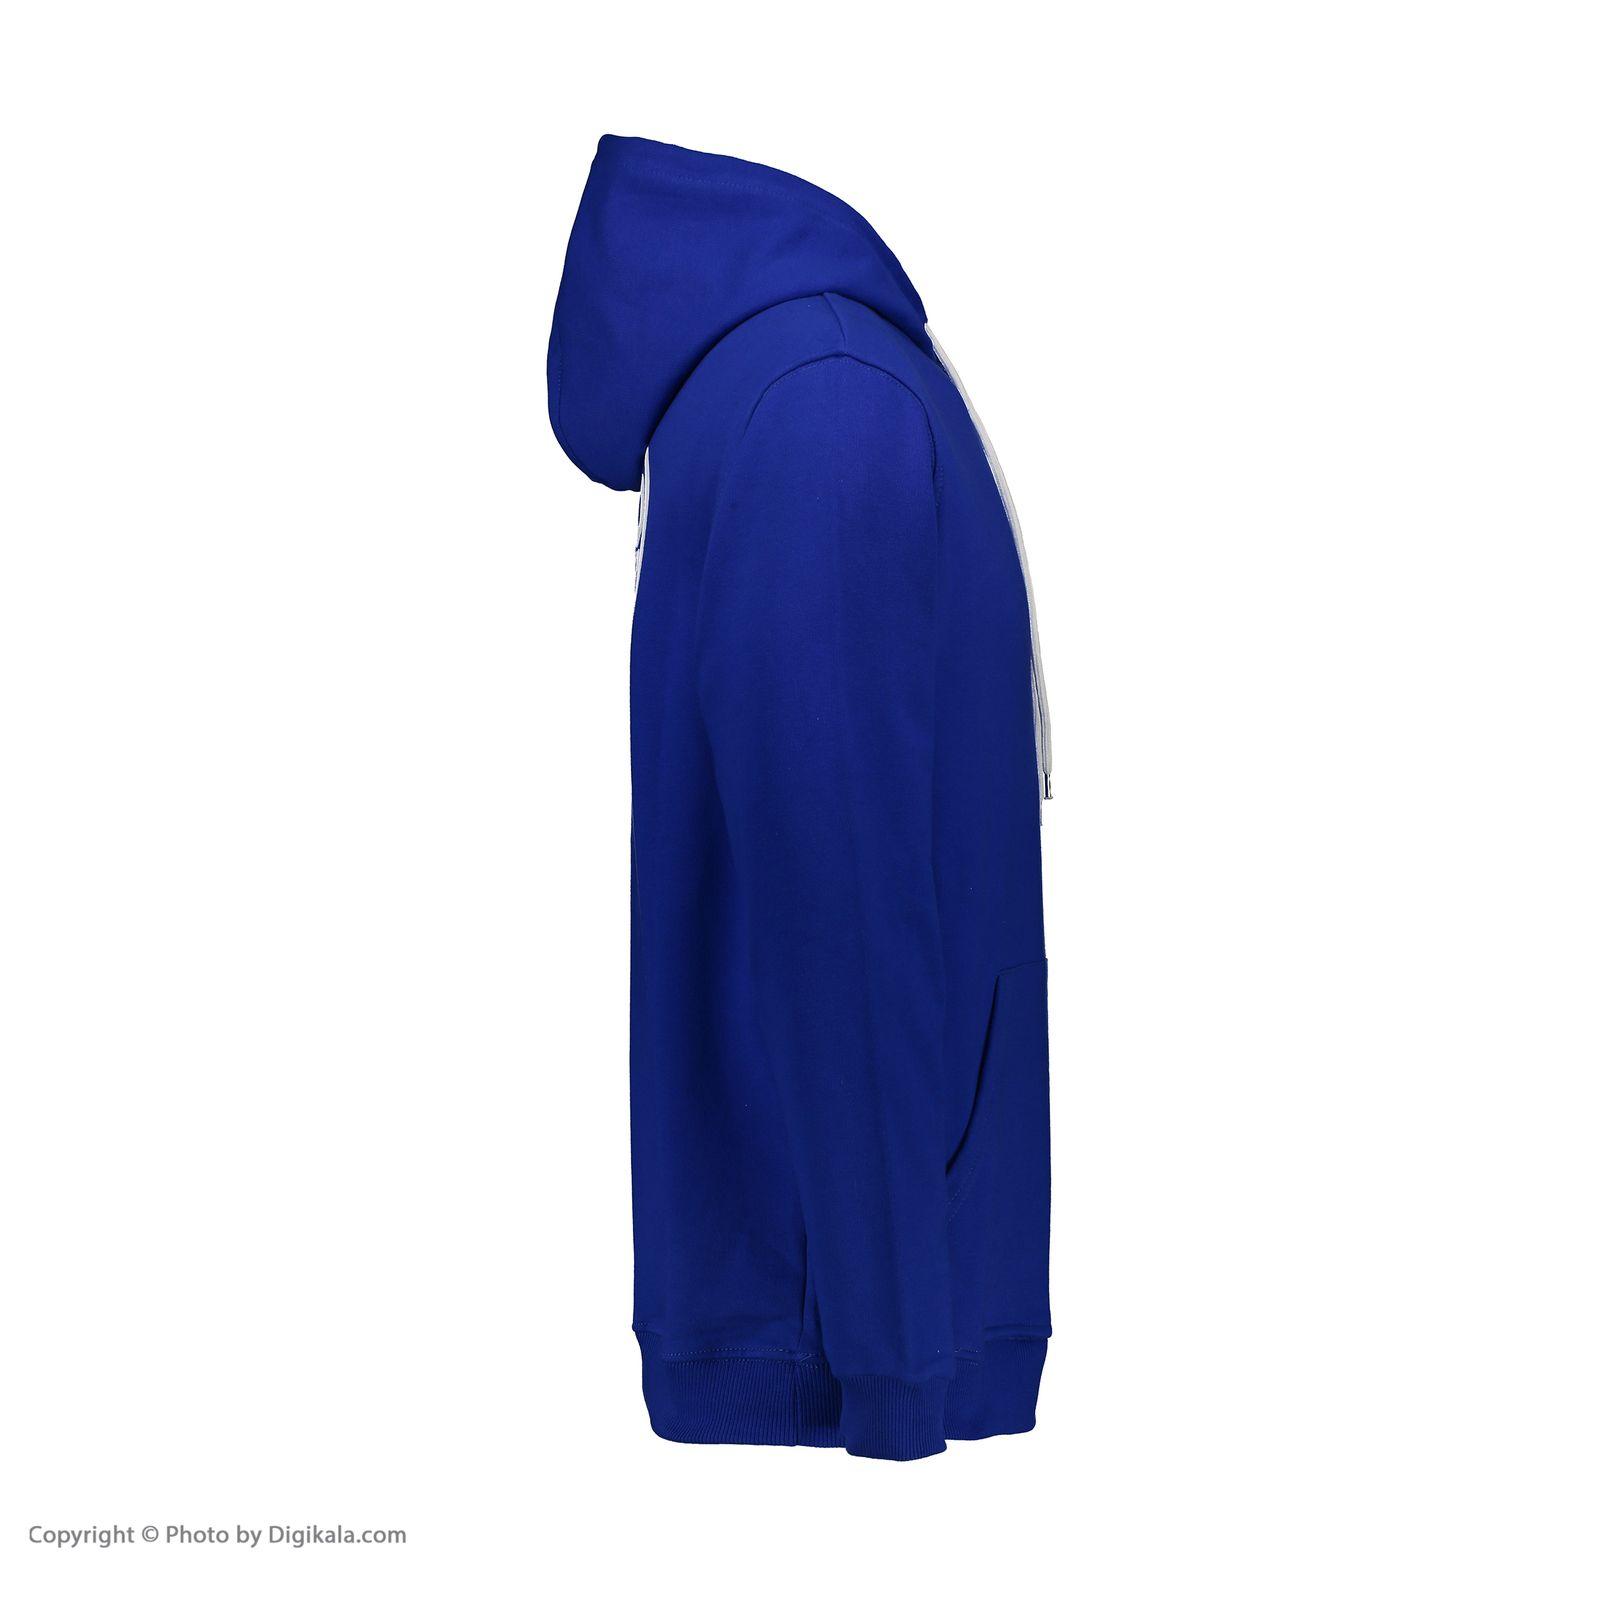 هودی ورزشی مردانه یونی پرو مدل 914159307-10 -  - 3